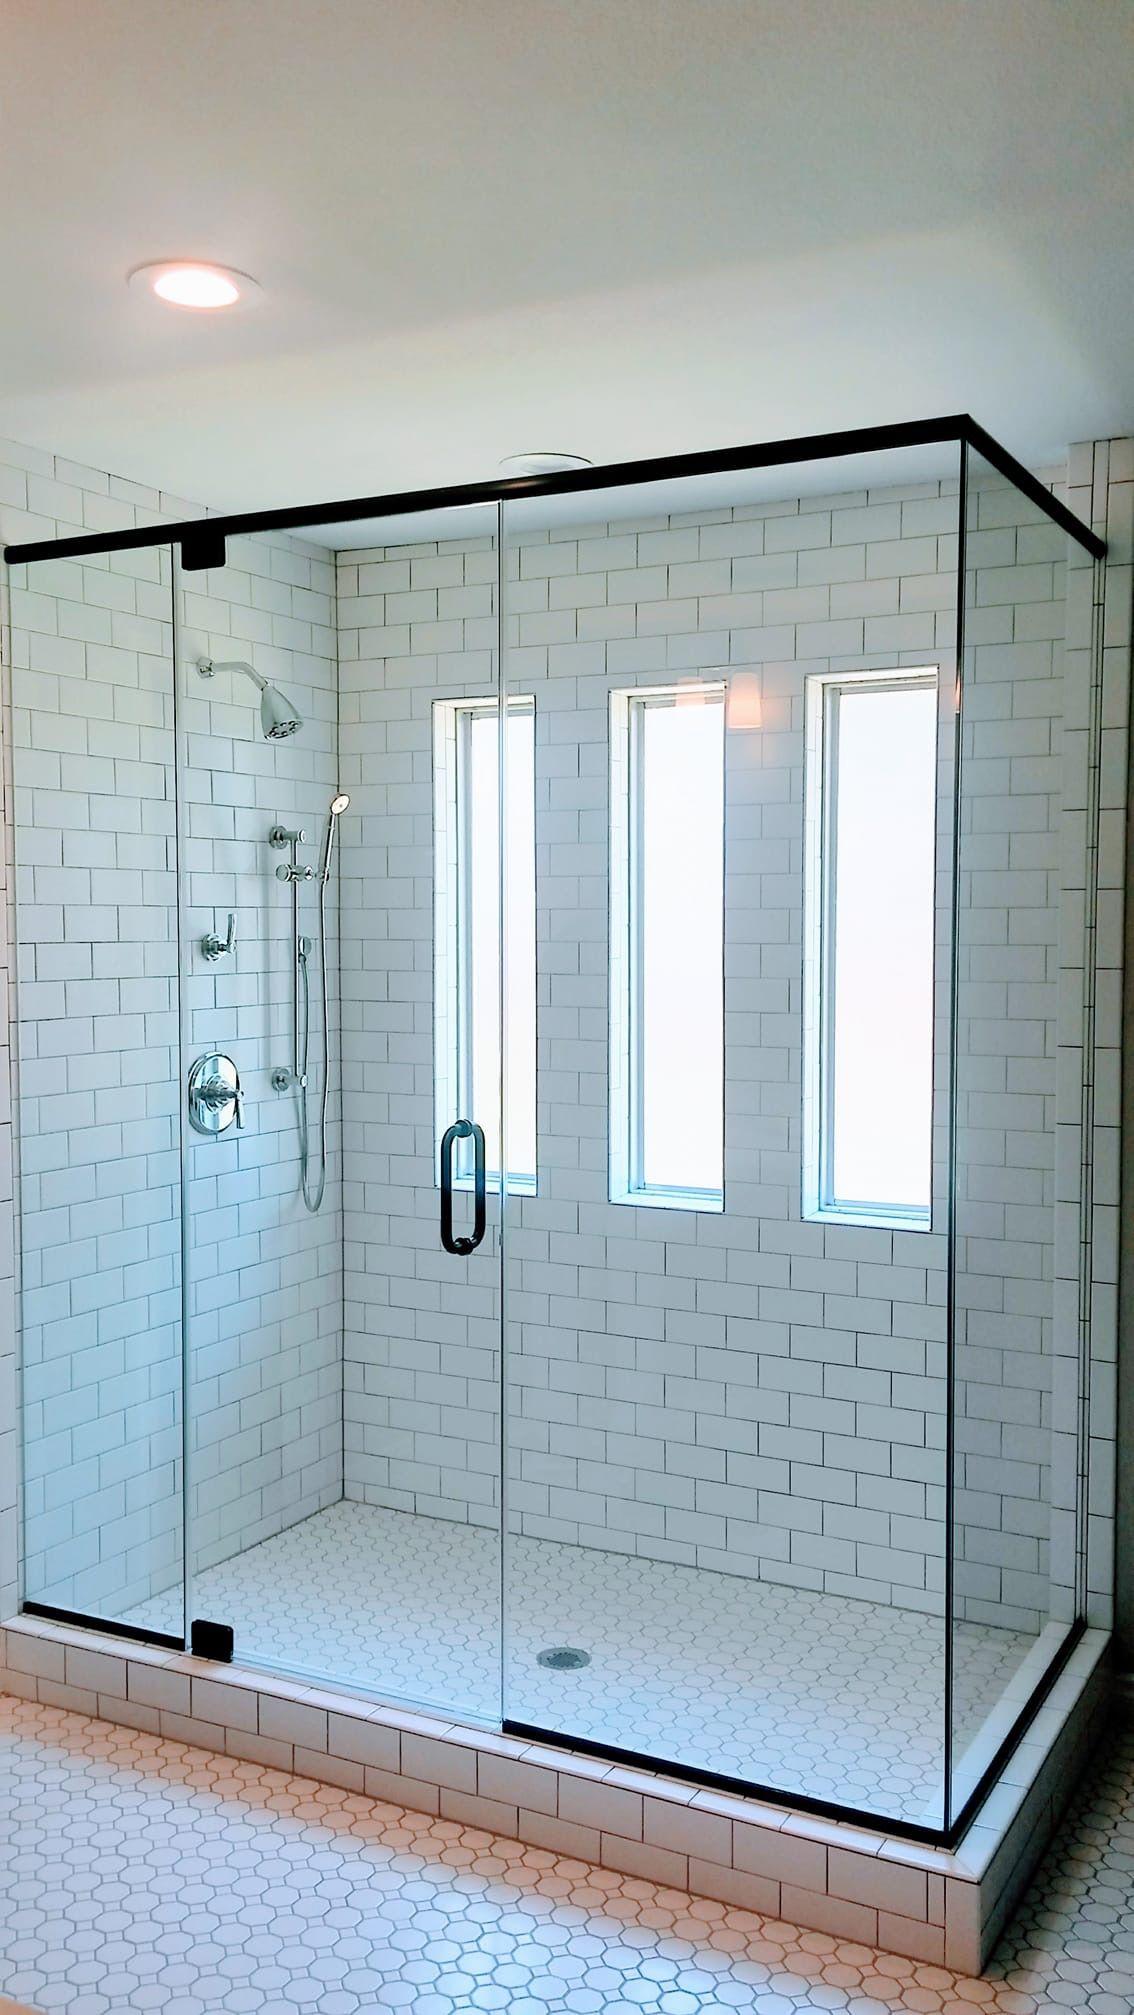 White Subway Tile With Matte Black Frameless Glass Shower Enclosure Corner Shower Enclosures Glass Shower Enclosures Shower Doors